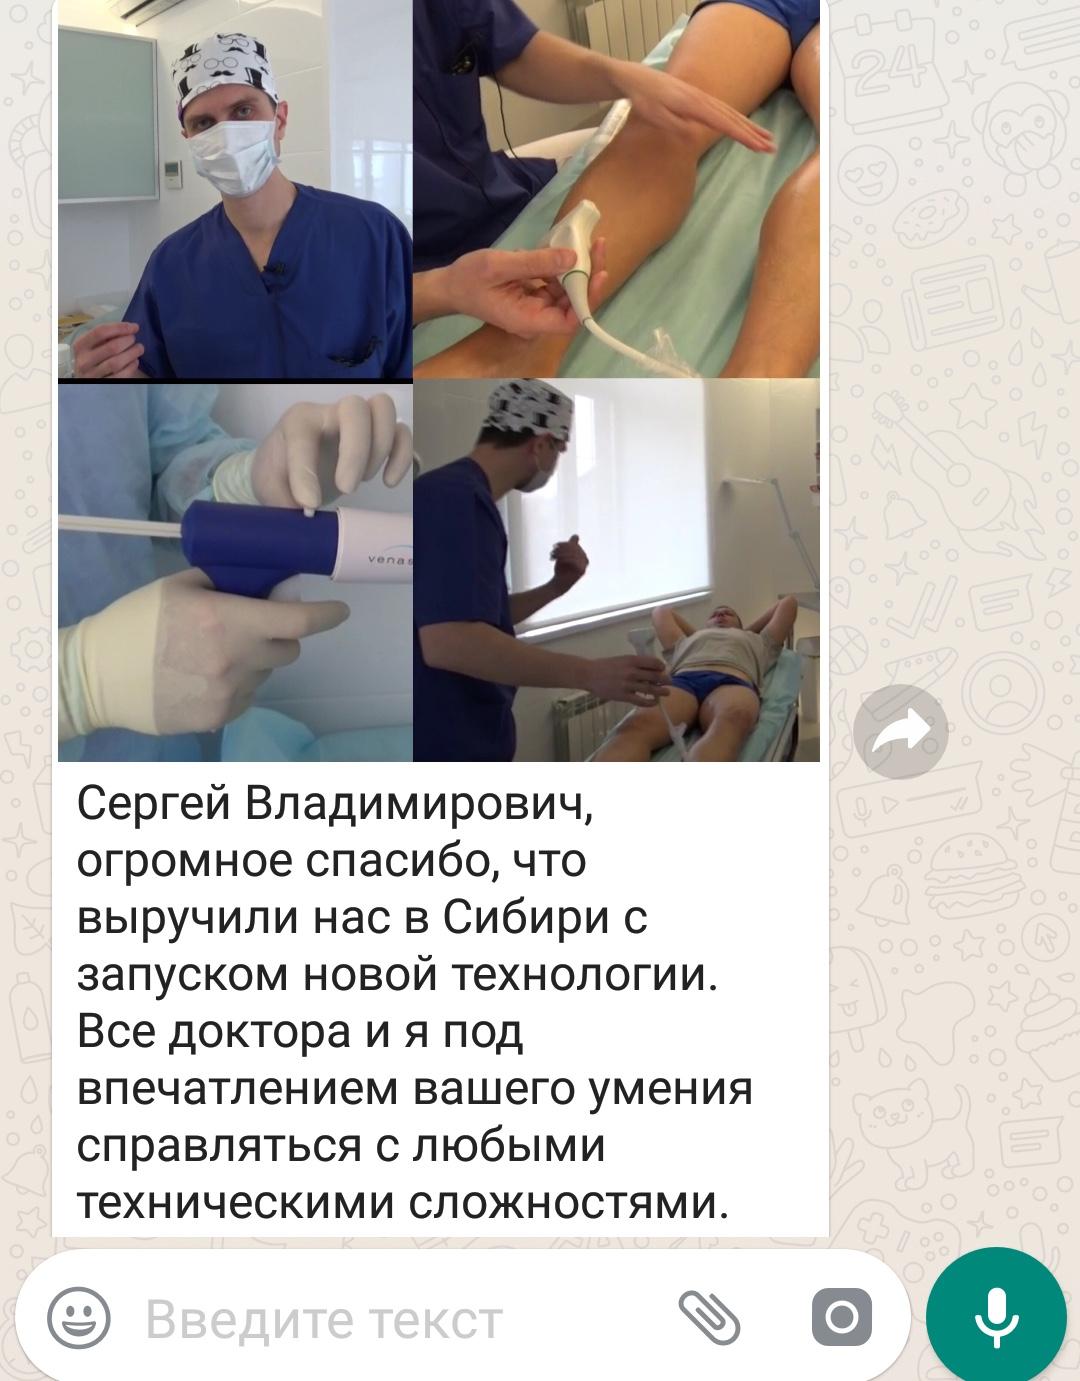 Флеболог Дробязко, операция Венасил, лечение варикоза клеем